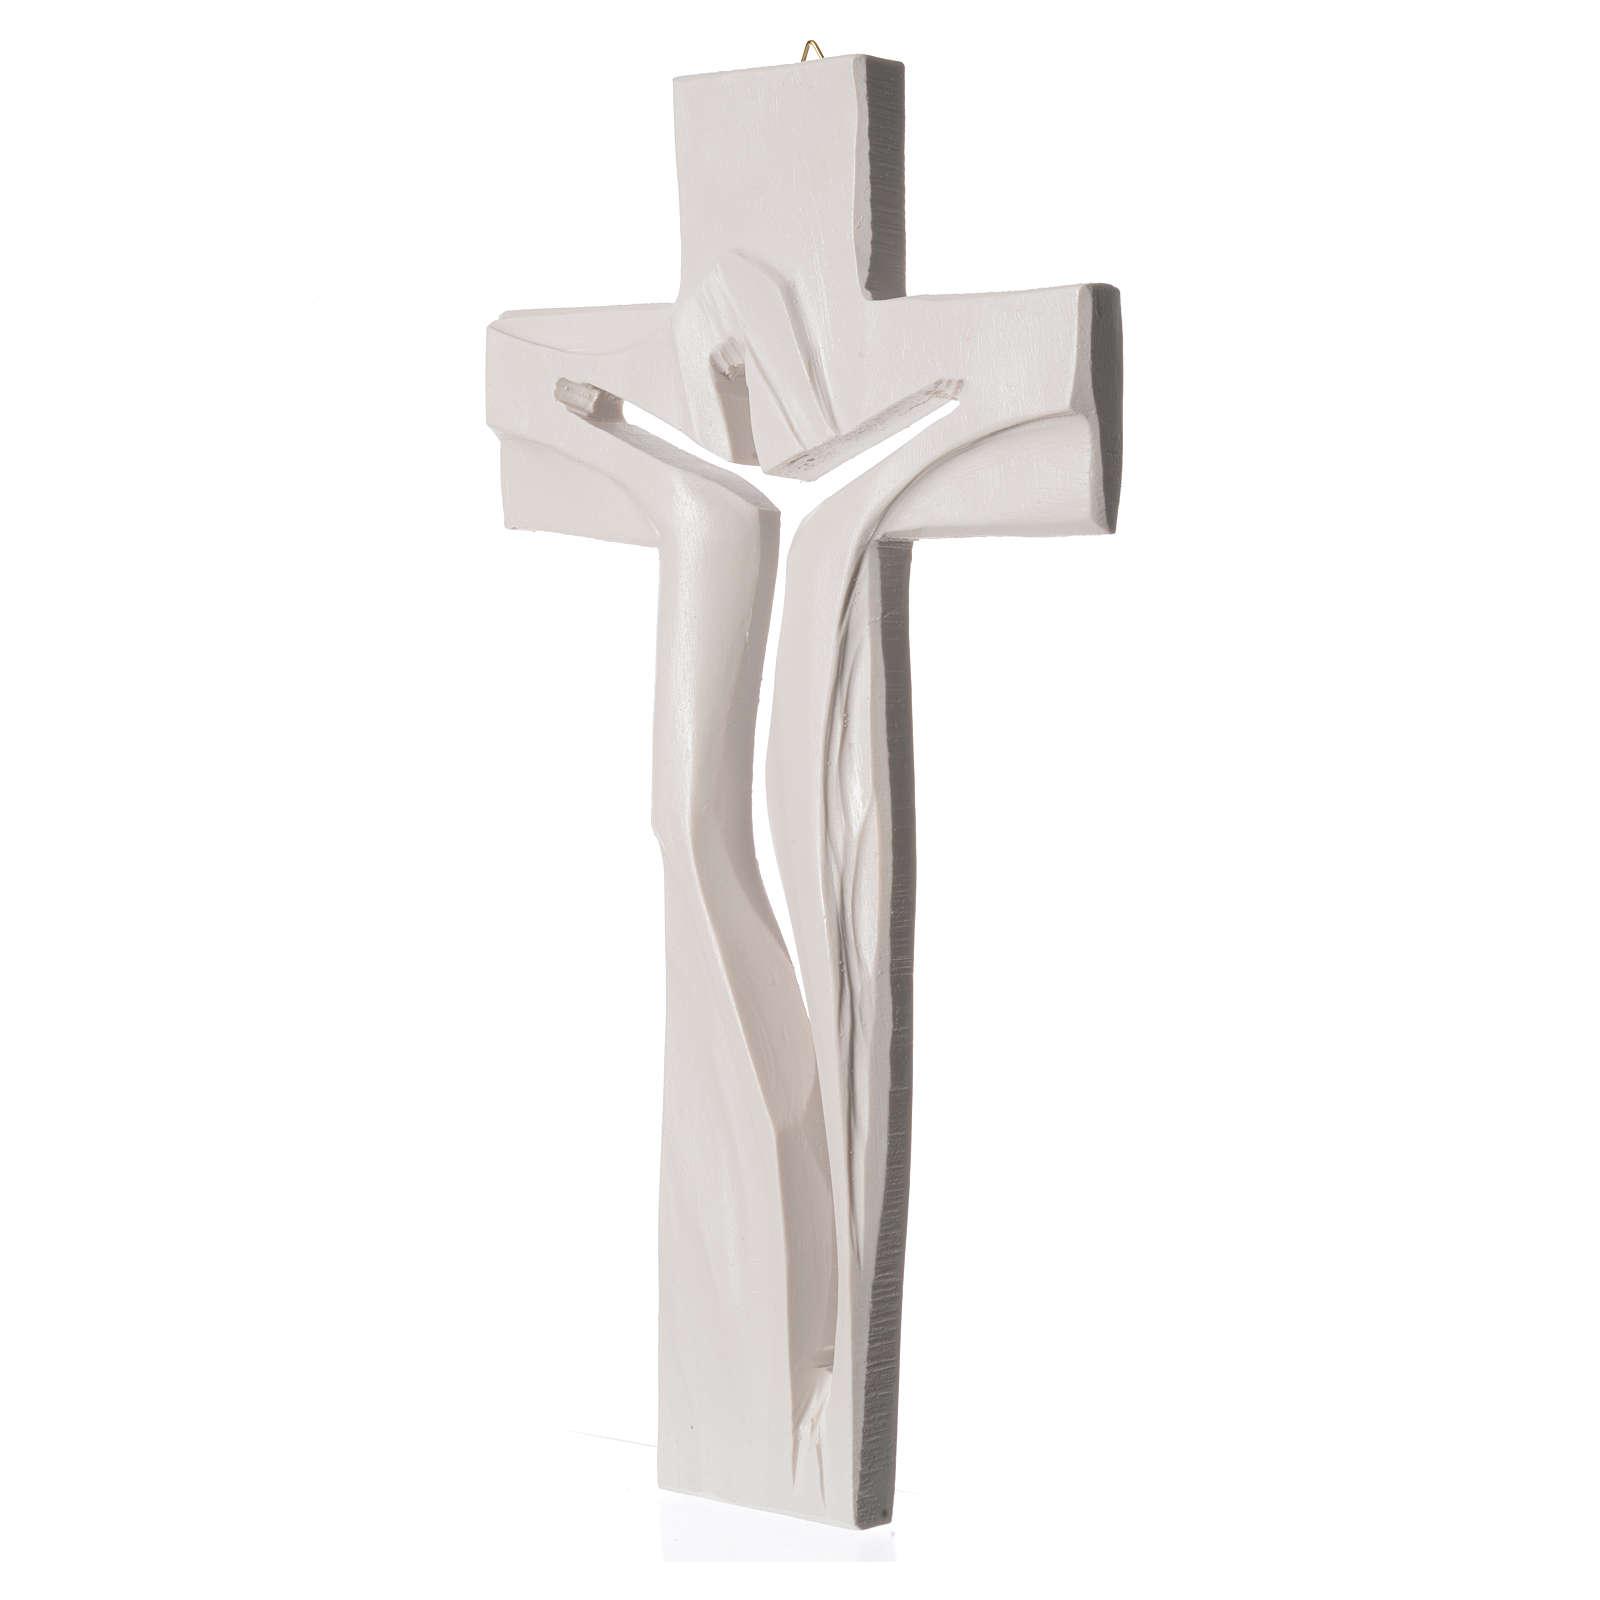 Crocifisso Medjugorje Cristo Risorto bianco resina 34x19 4